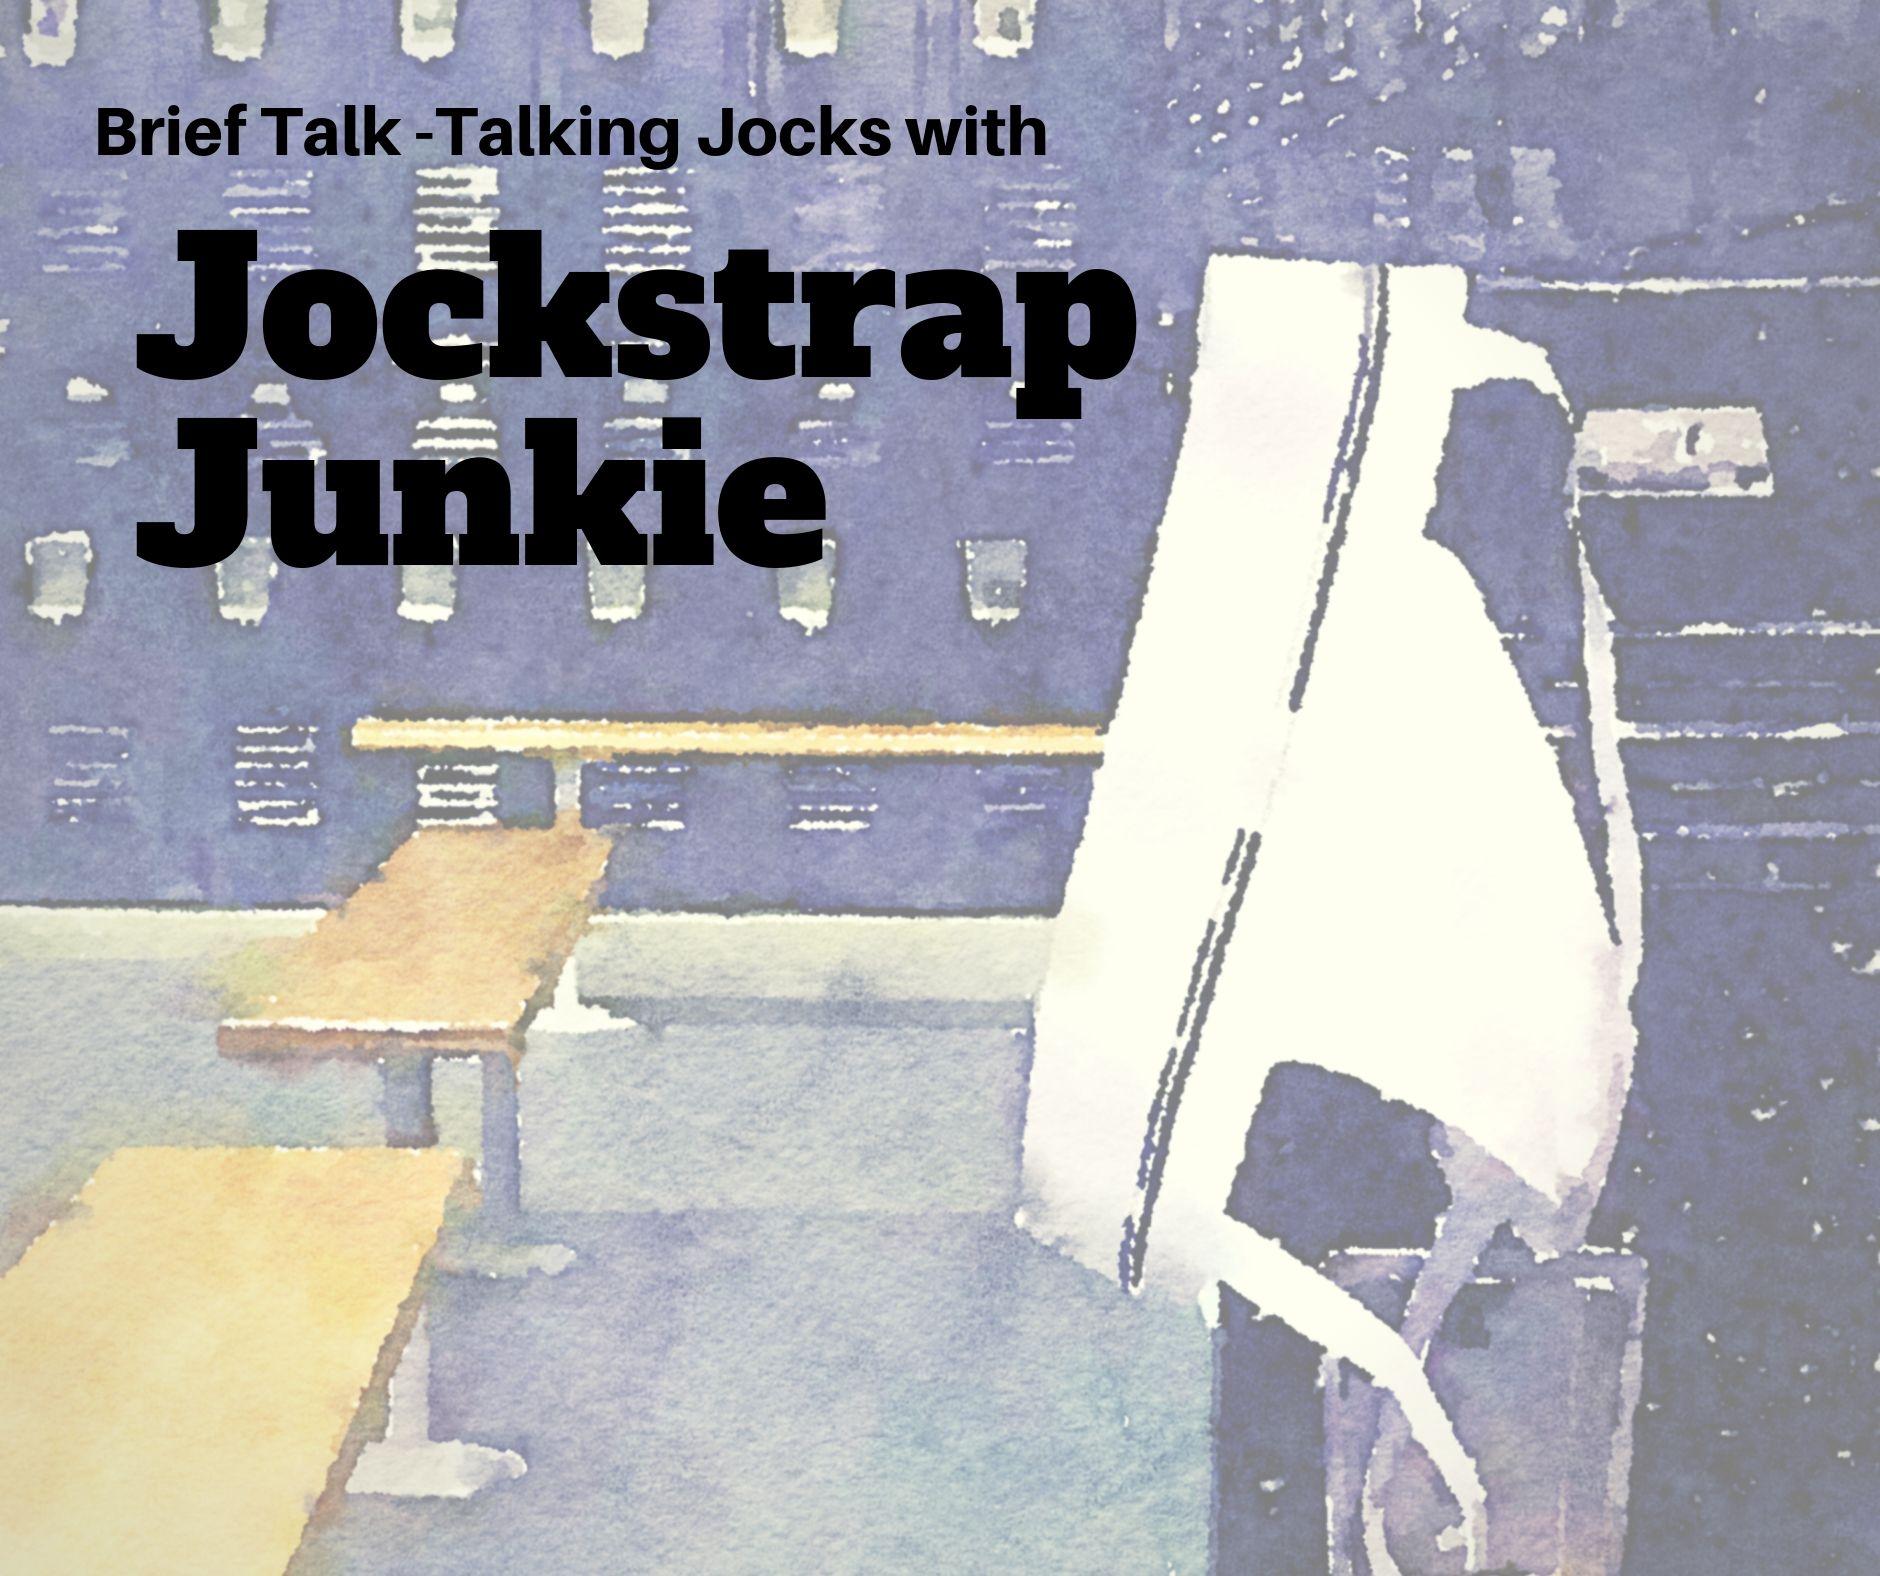 Brief Talk - The Jock talk with Jockstrap Junkie